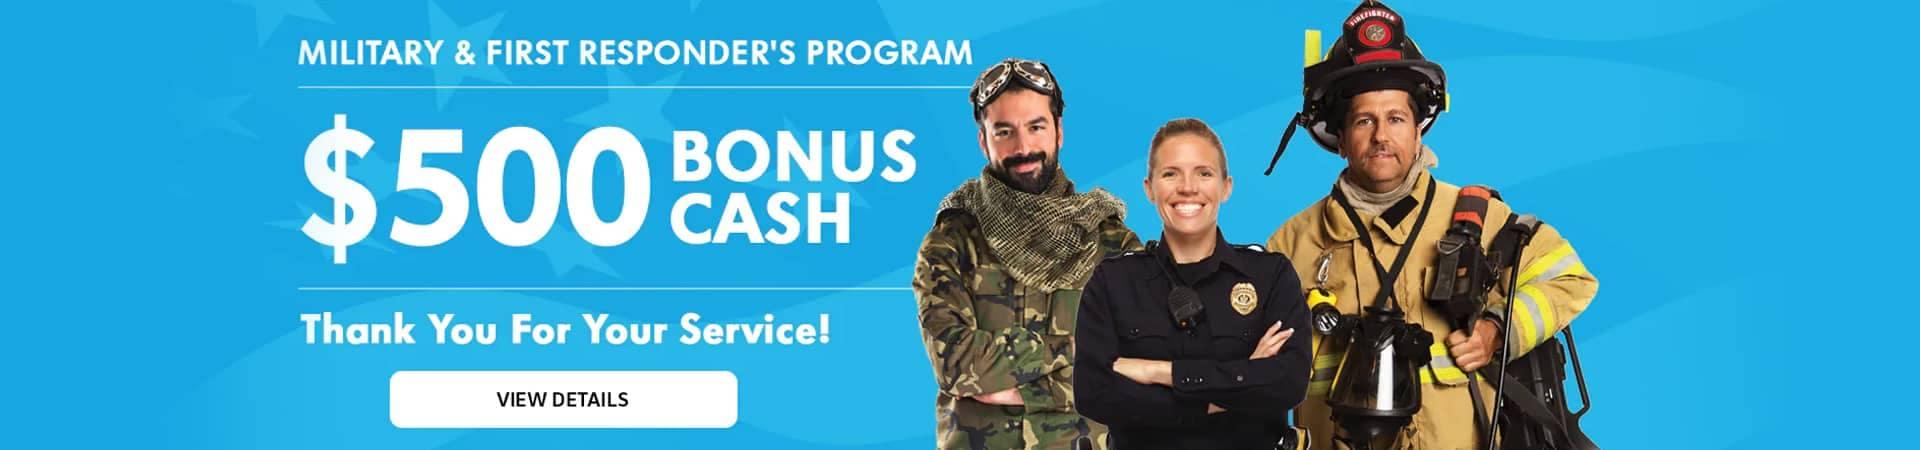 500_Bonus_Cash